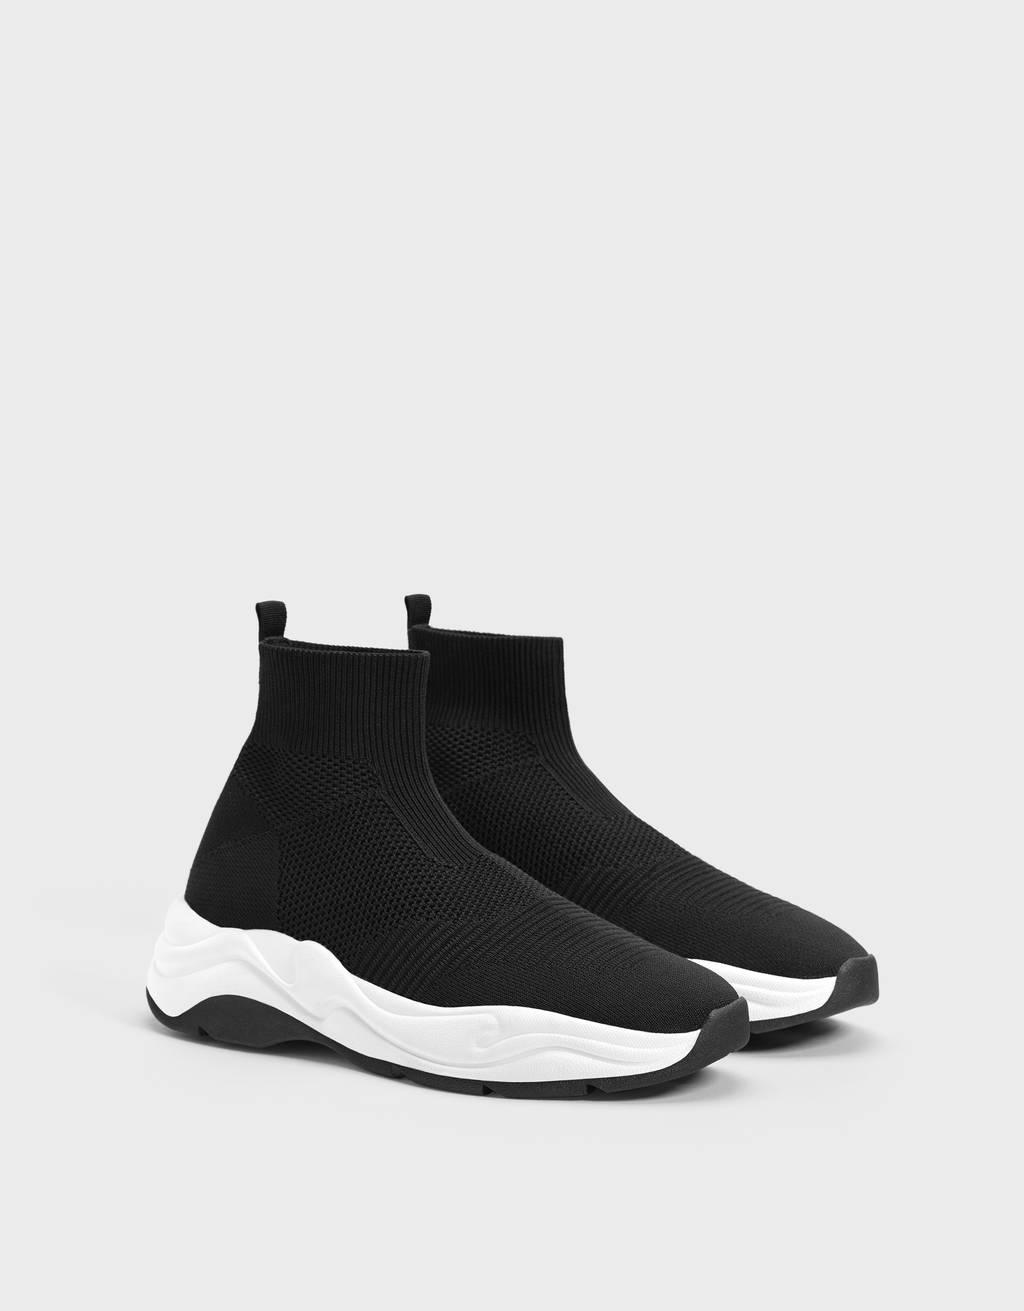 Hohe Herren Sneakers mit elastischem Schaft